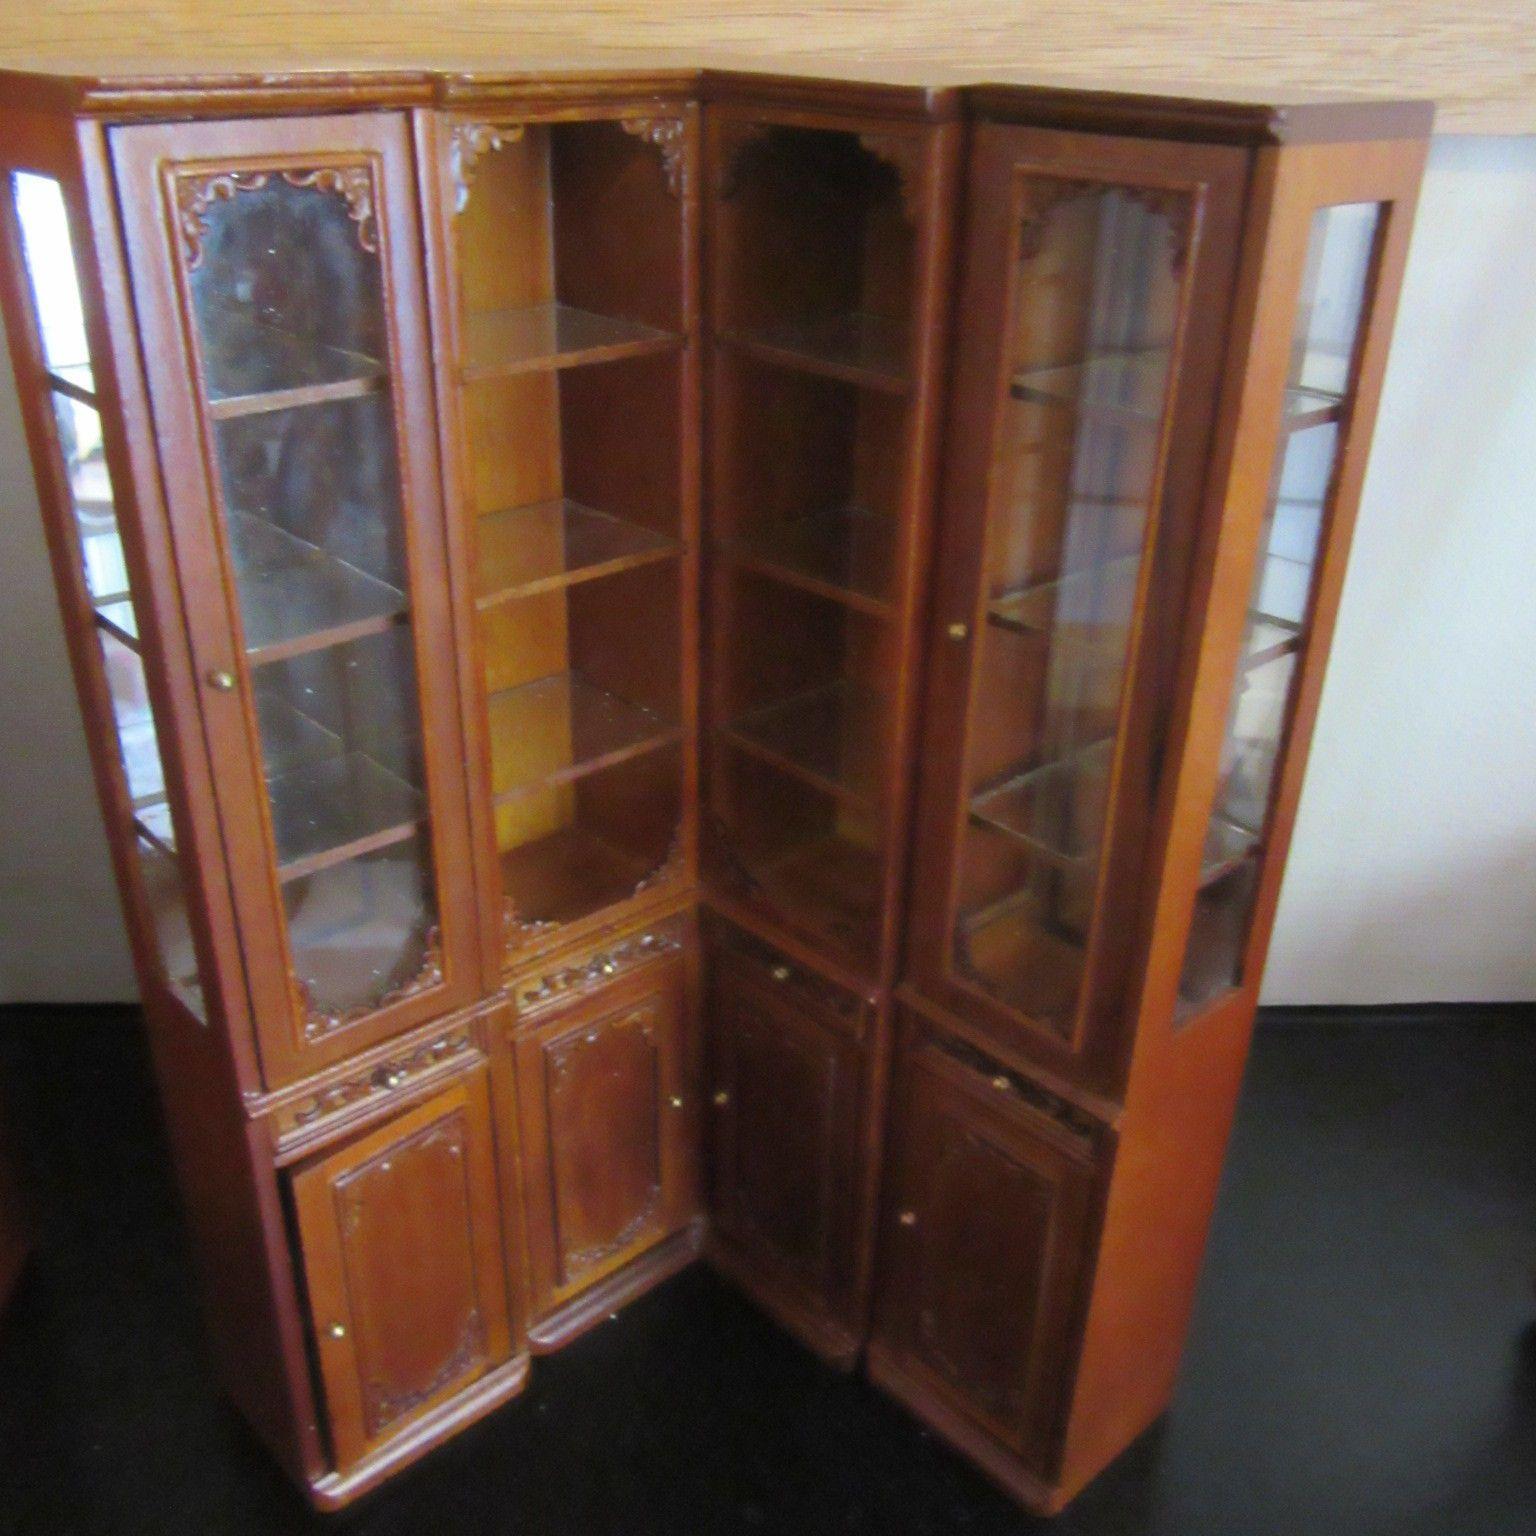 Captivating Dolls House Furniture Shop Units Or House Cabinet Set JiaYi